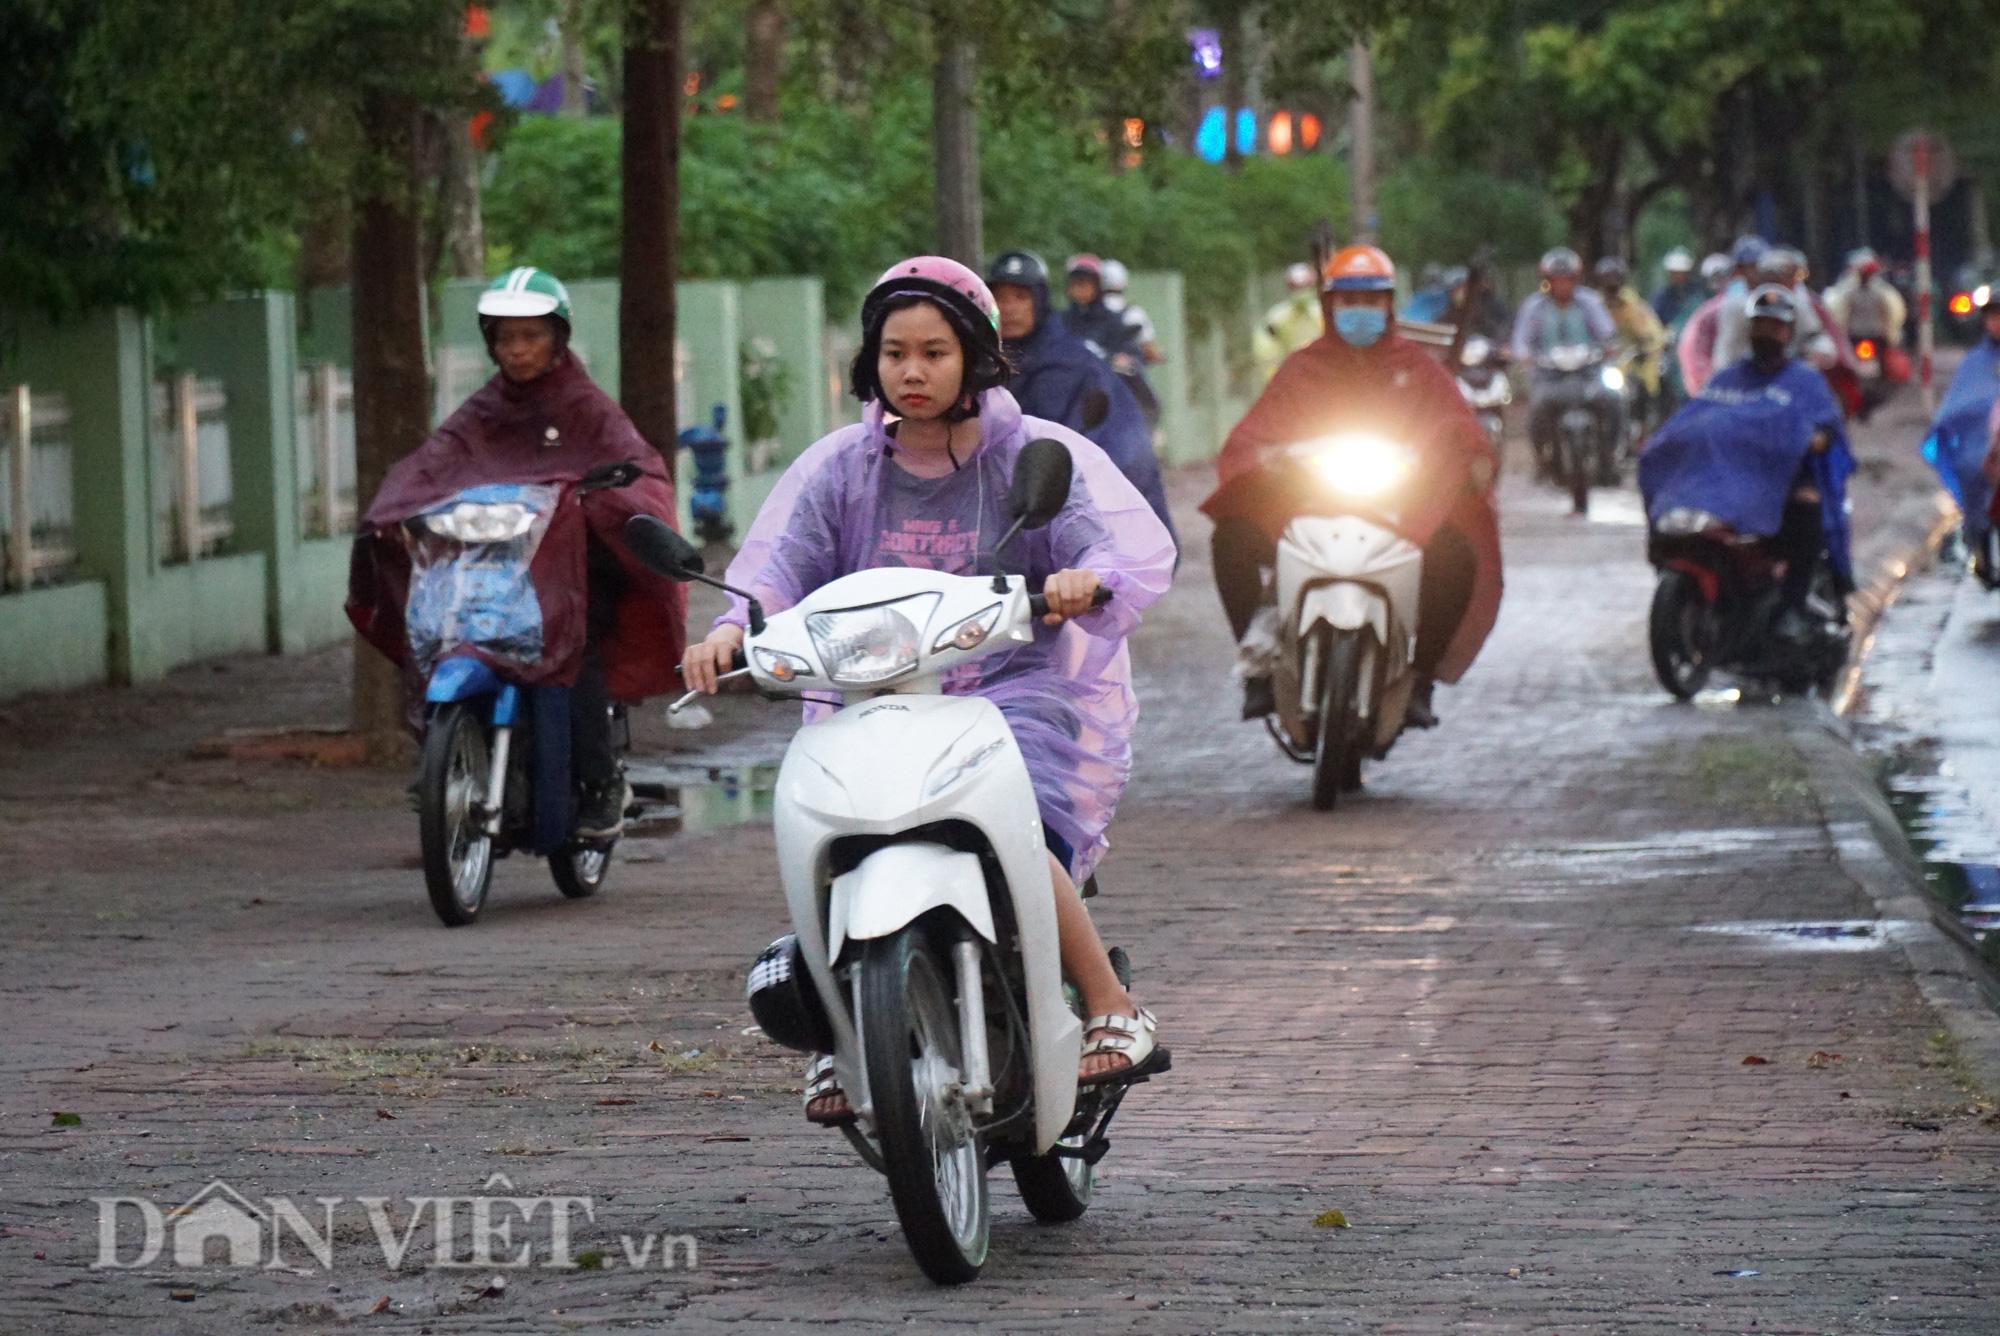 Hà Nội giảm 10 độ sau cơn mưa vàng - Ảnh 8.